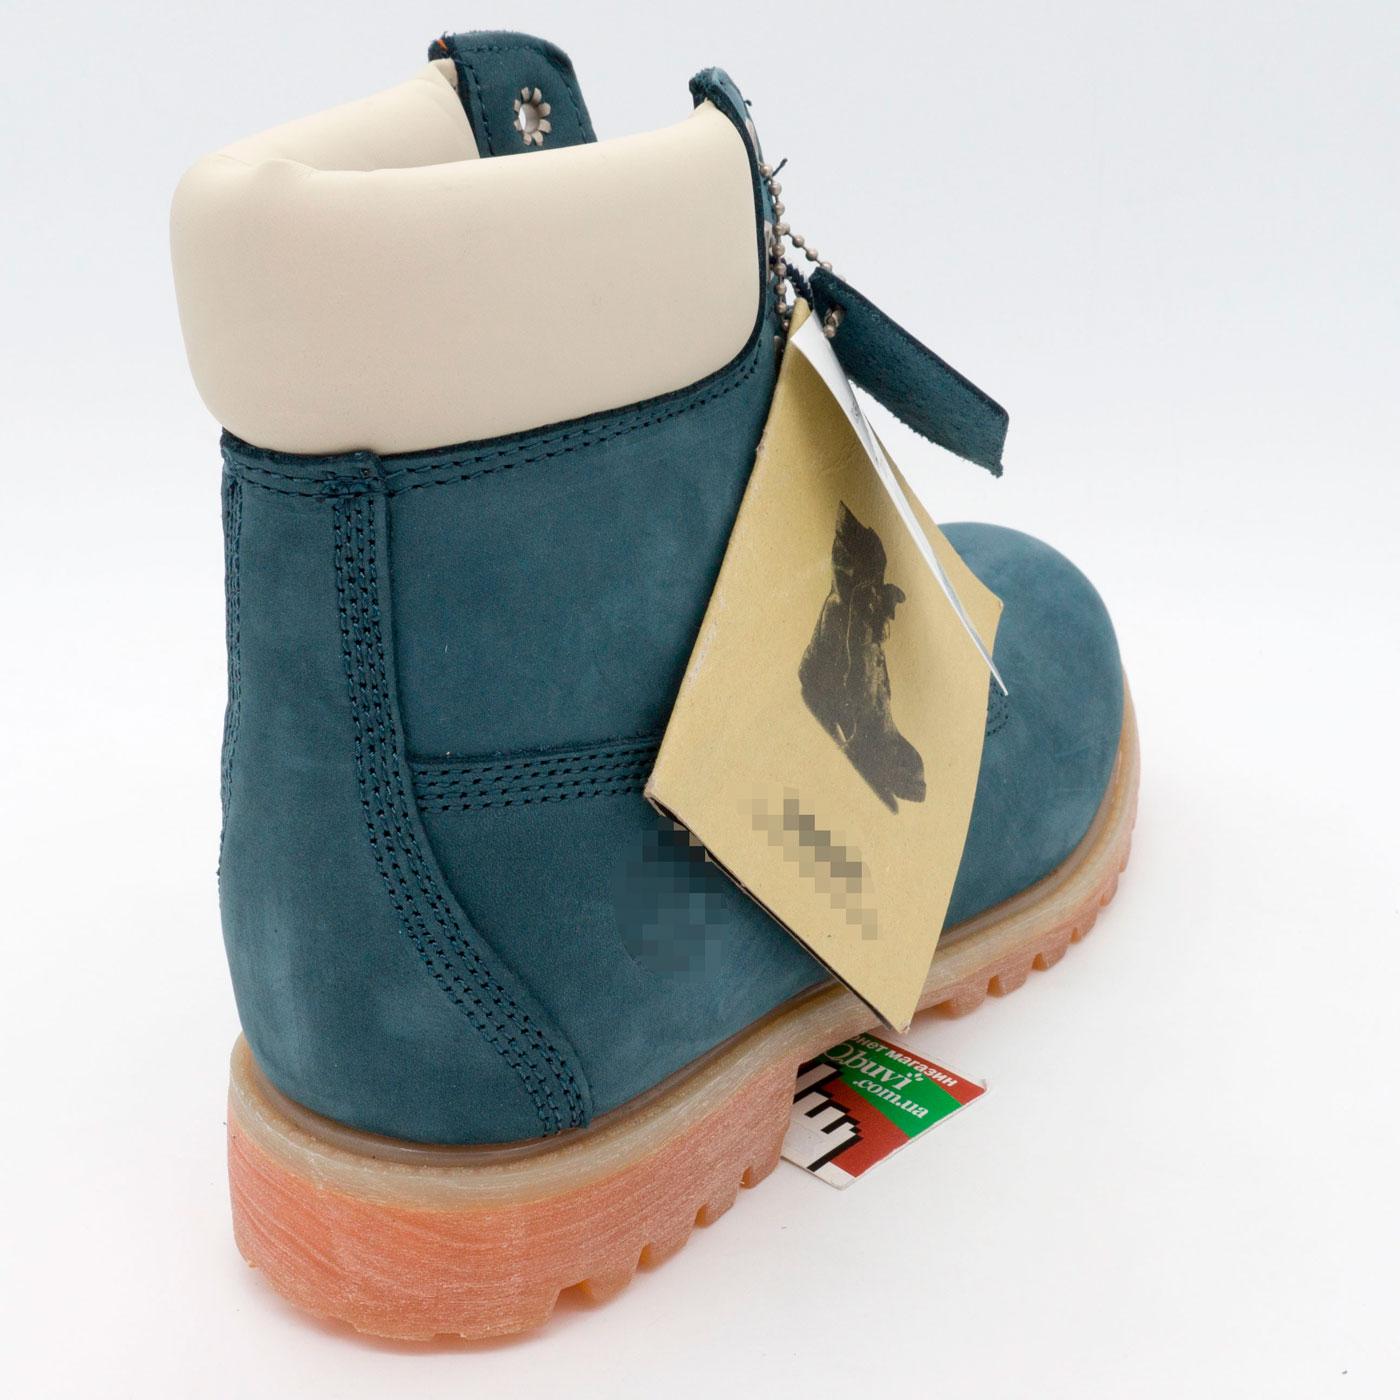 фото bottom Ботинки синие Tim-and 26578 - Топ качества! bottom